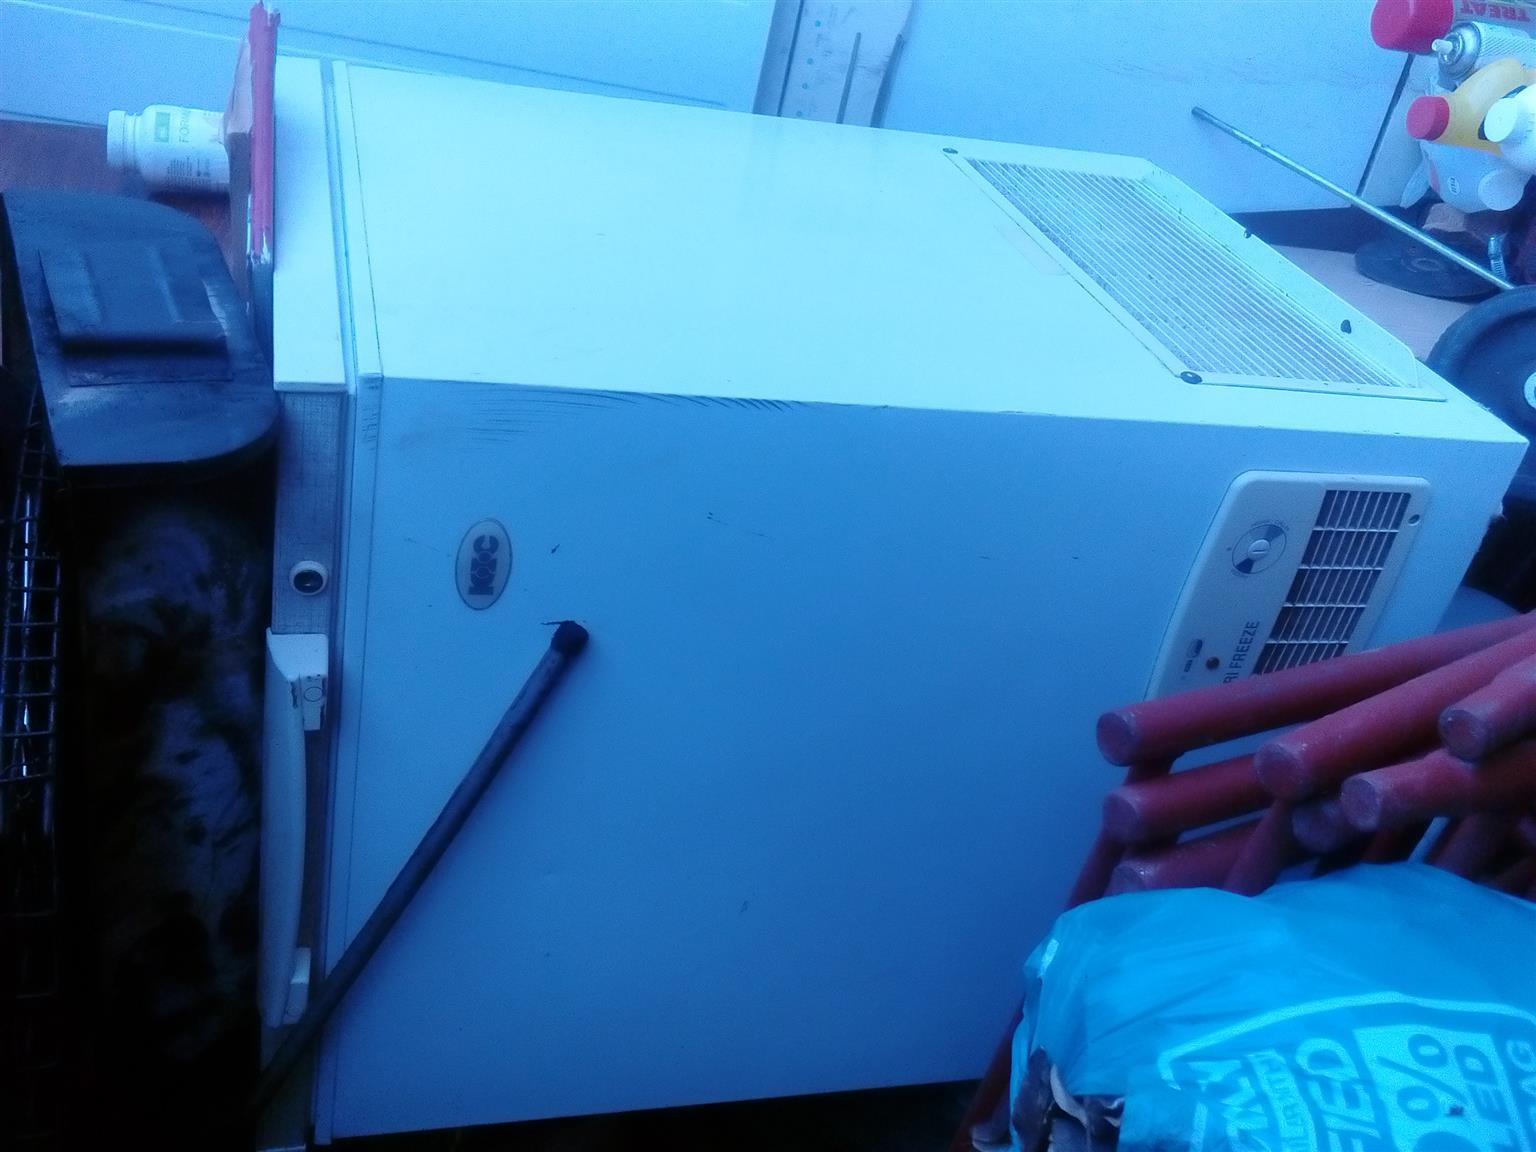 Freezer/fridge, dish washer, Washing machine for sale